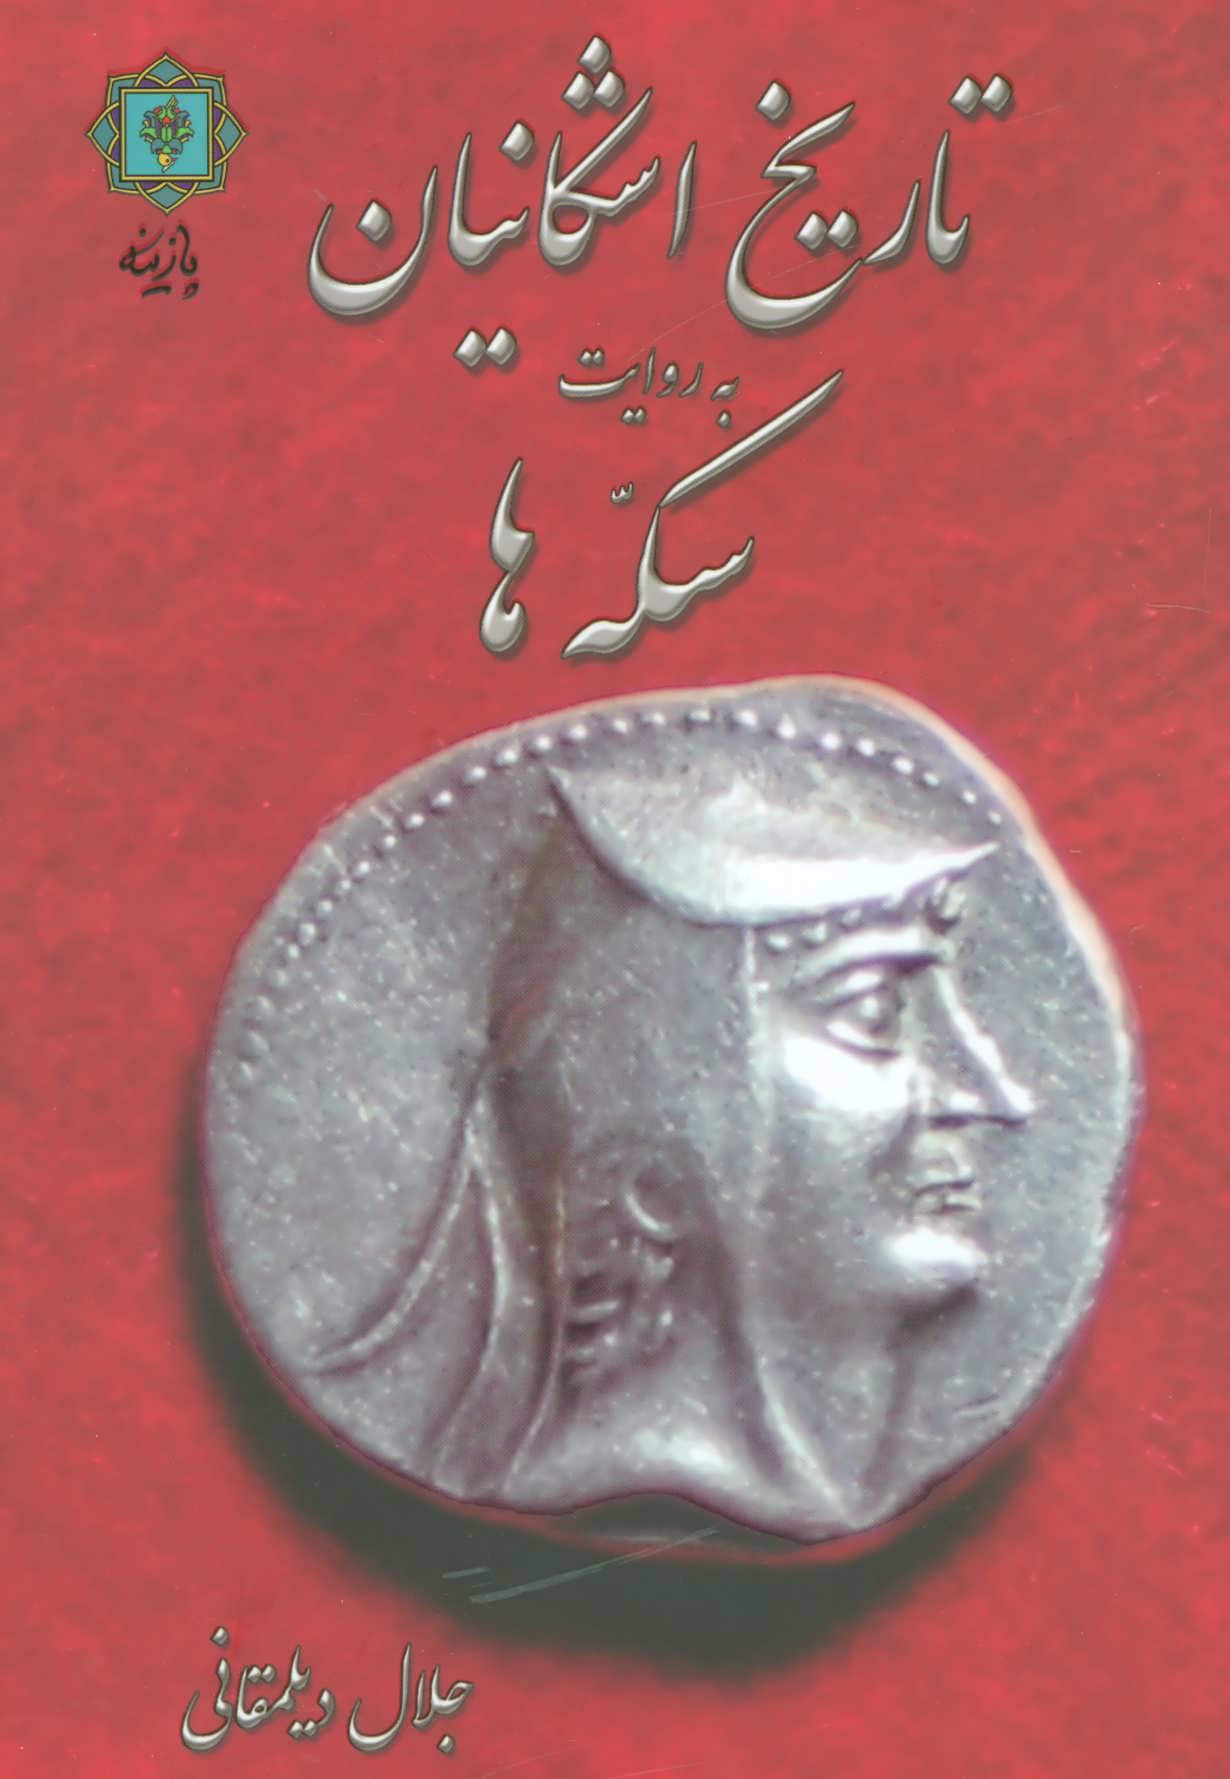 تاریخ اشکانیان به روایت سکه ها (گلاسه)